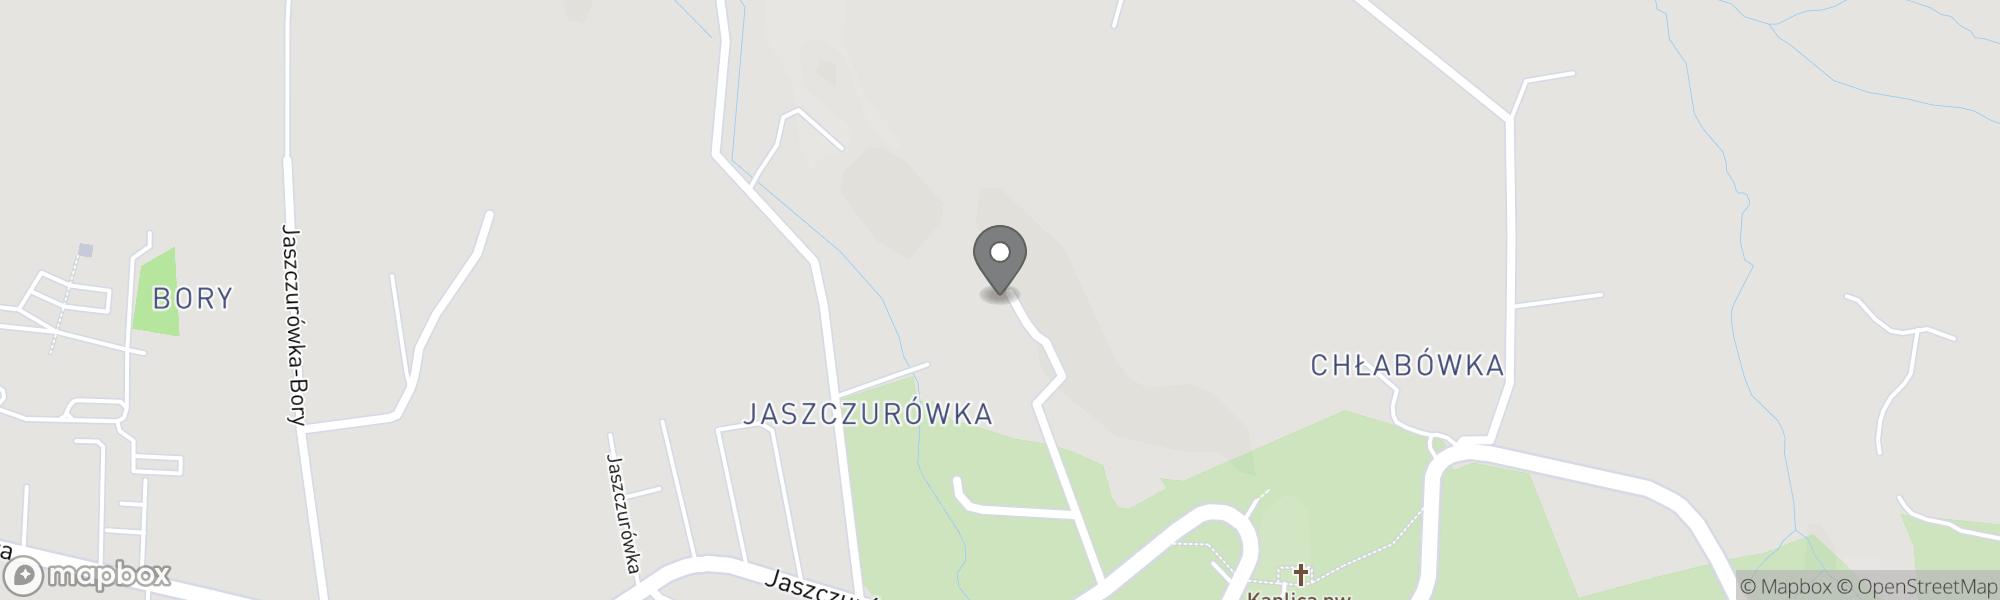 Map of Zakopane area